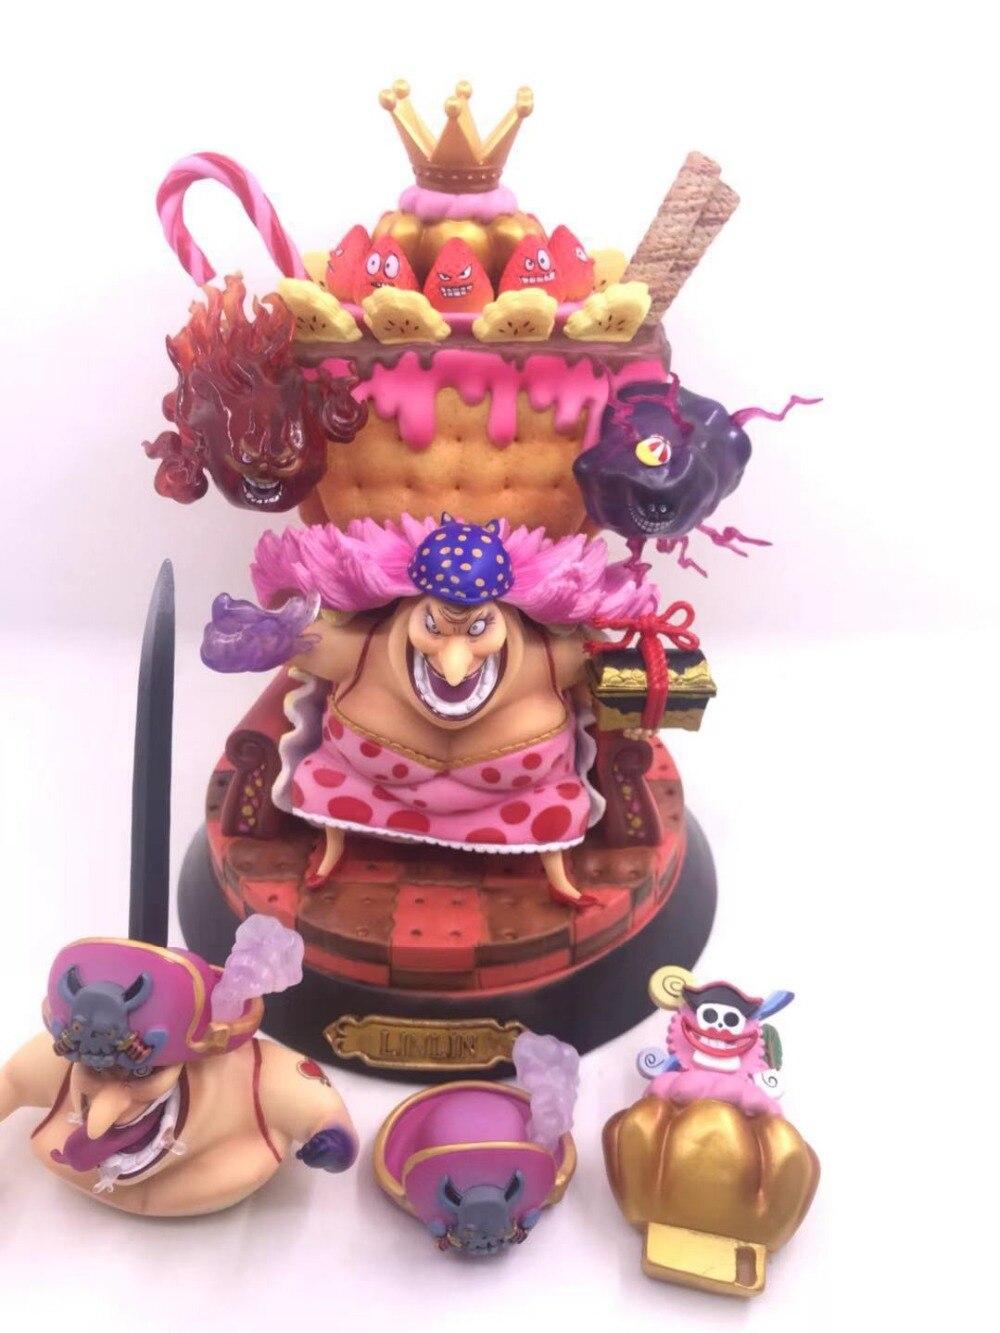 Аниме одна деталь фигурку Charlotte Linlin трон большая мама куклы украшения Коллекция фигурка рождественские игрушки, подарки 25 см